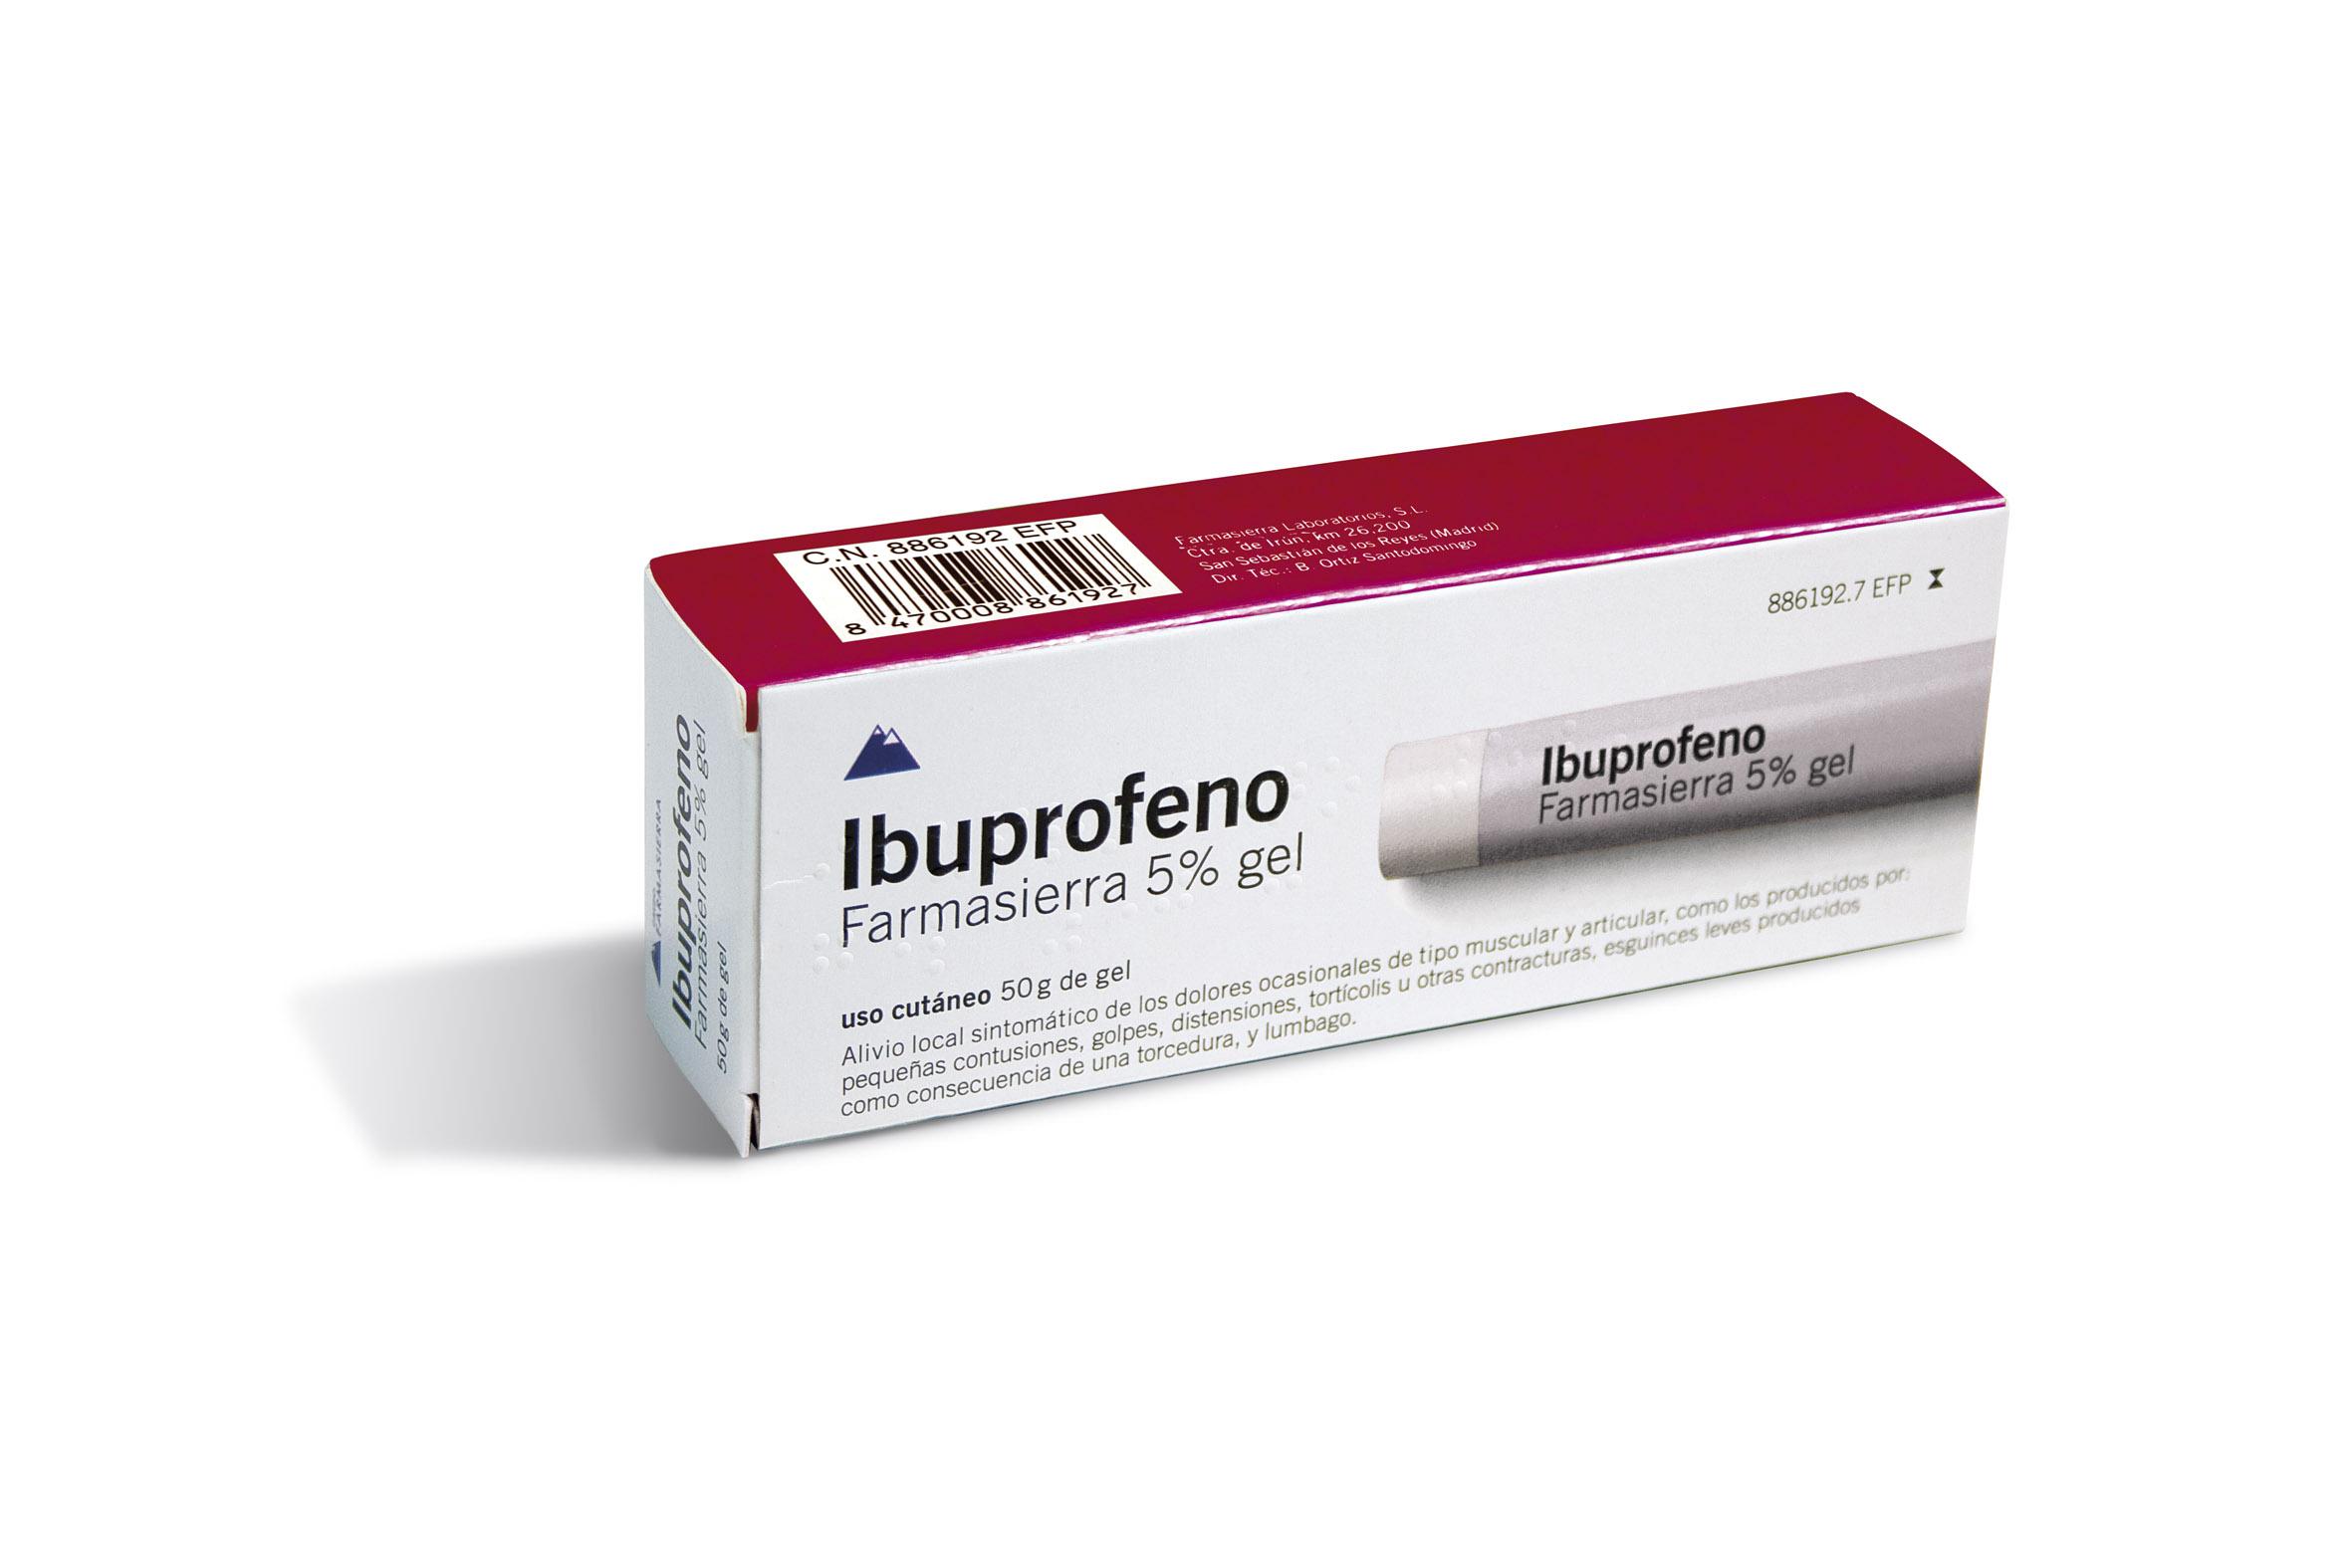 El ibuprofeno ayuda a las células inmunes a construir el tejido muscular